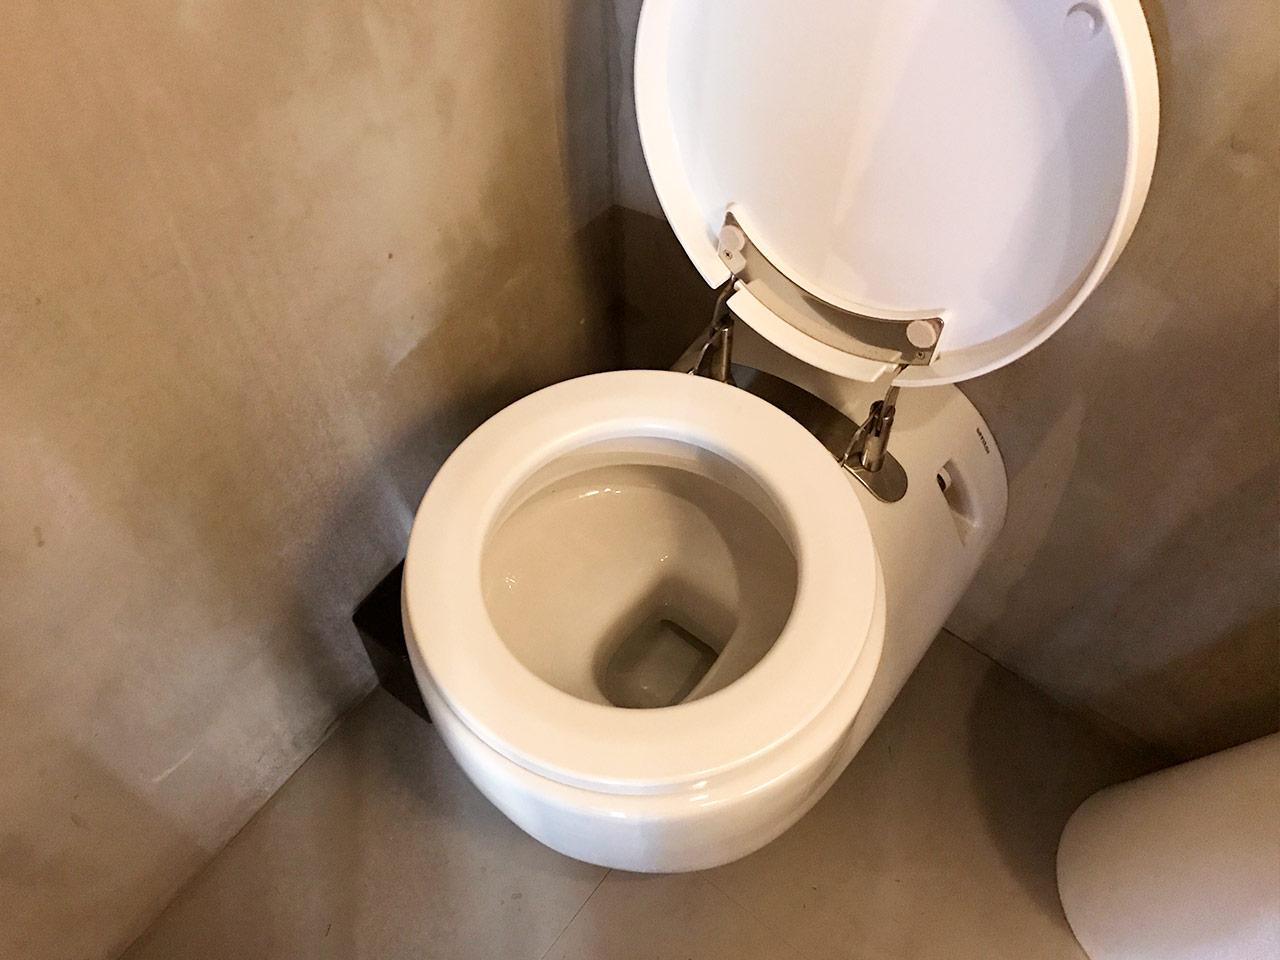 三軒茶屋「マルノワ」のトイレ